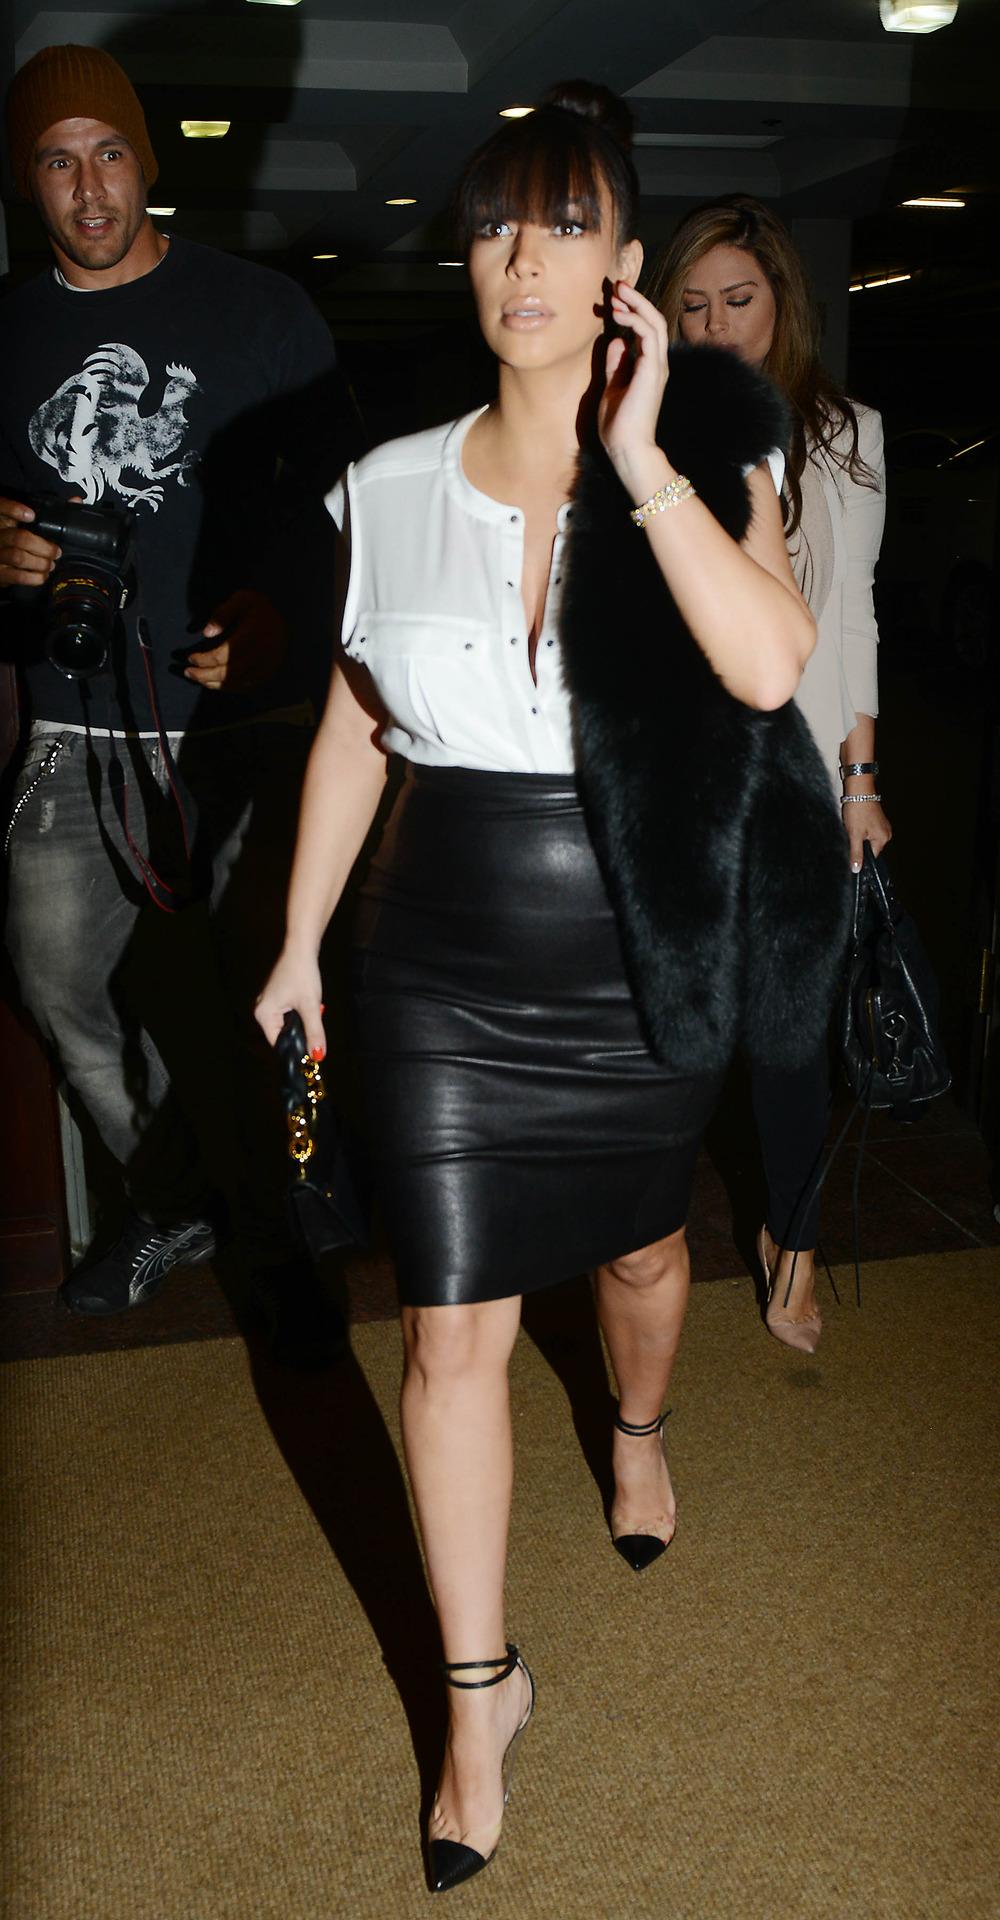 Pregnant Kim Kardashian Wears Tight Leather Skirt to OB-GYN (PHOTOS)